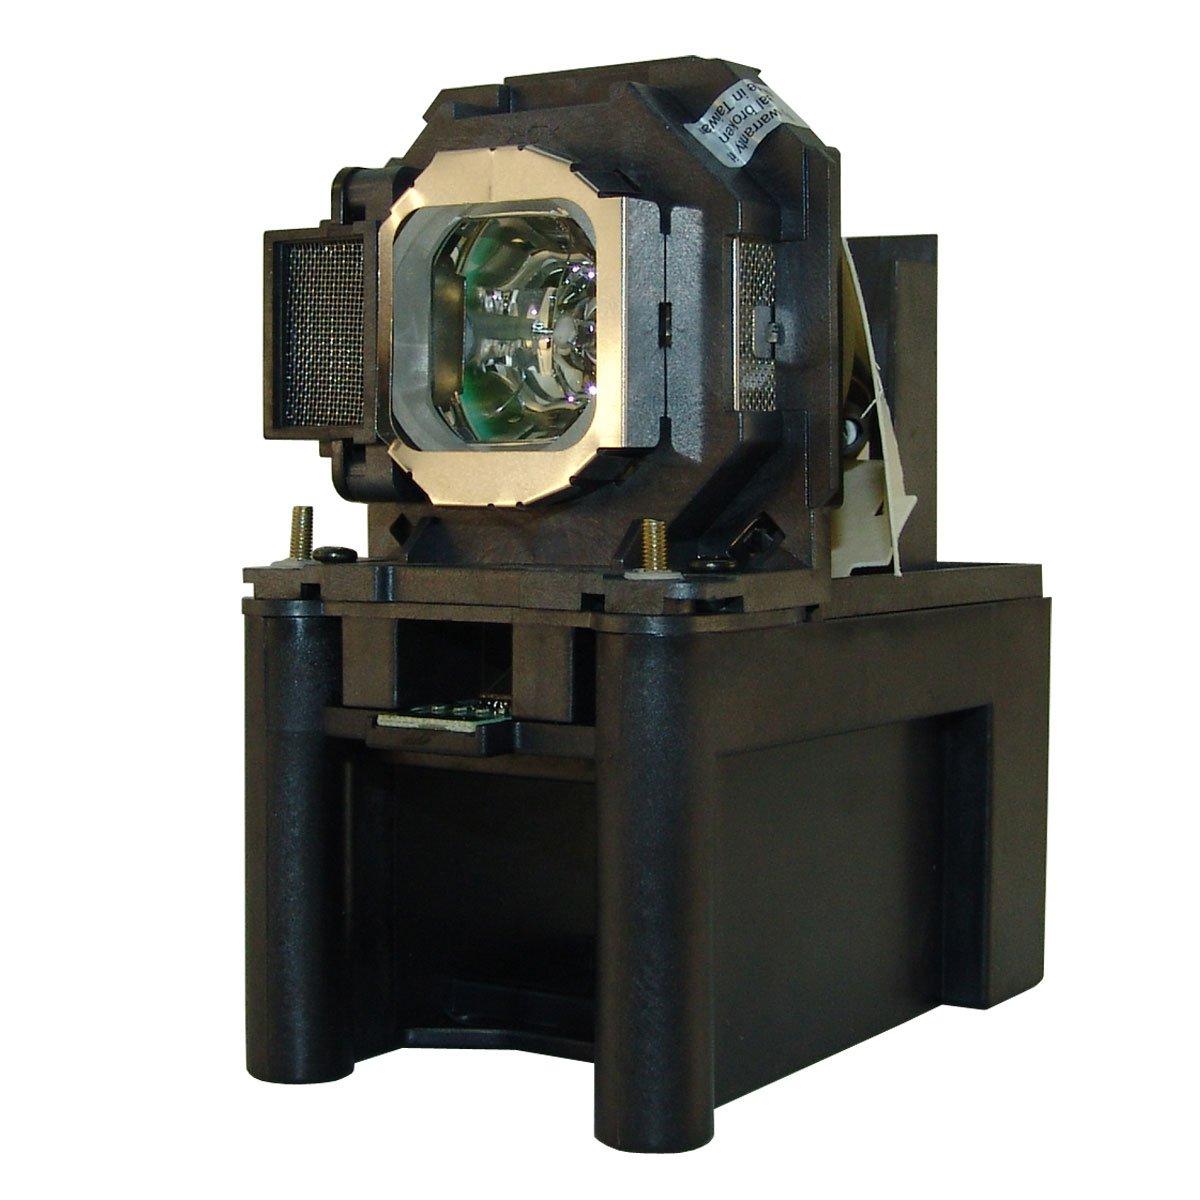 SpArc OEMプロジェクター交換用ランプ 囲い/電球付き Panasonic PT-FW100NTU用 Platinum (Brighter/Durable) B07MFH3Q7Q Lamp with Housing Platinum (Brighter/Durable)